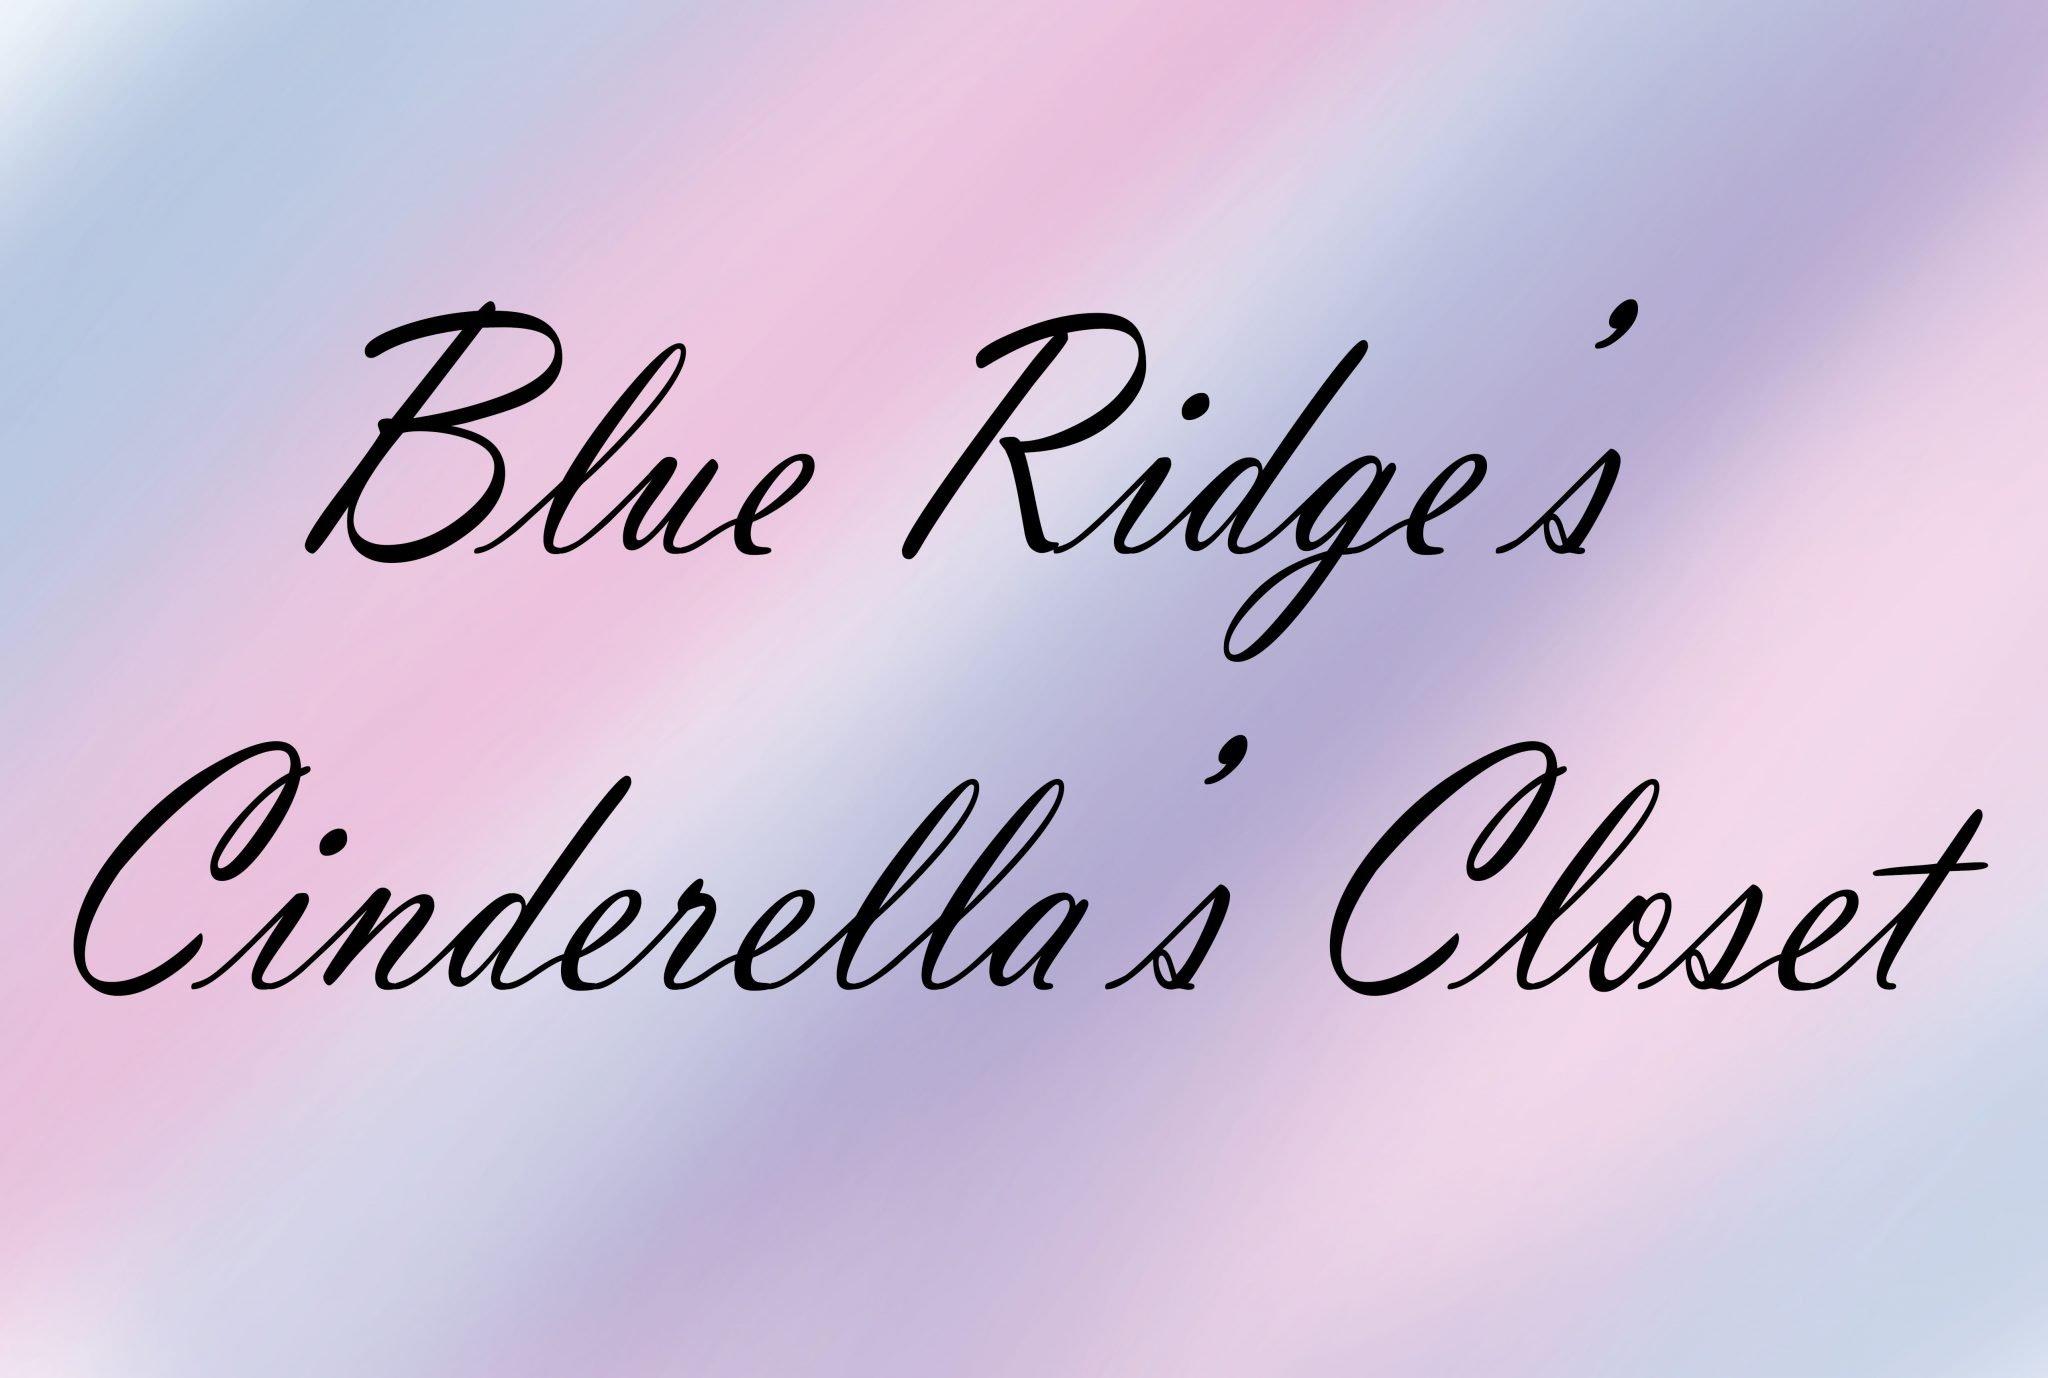 Blue Ridge S Cinderella S Closet Raider Reader Online News